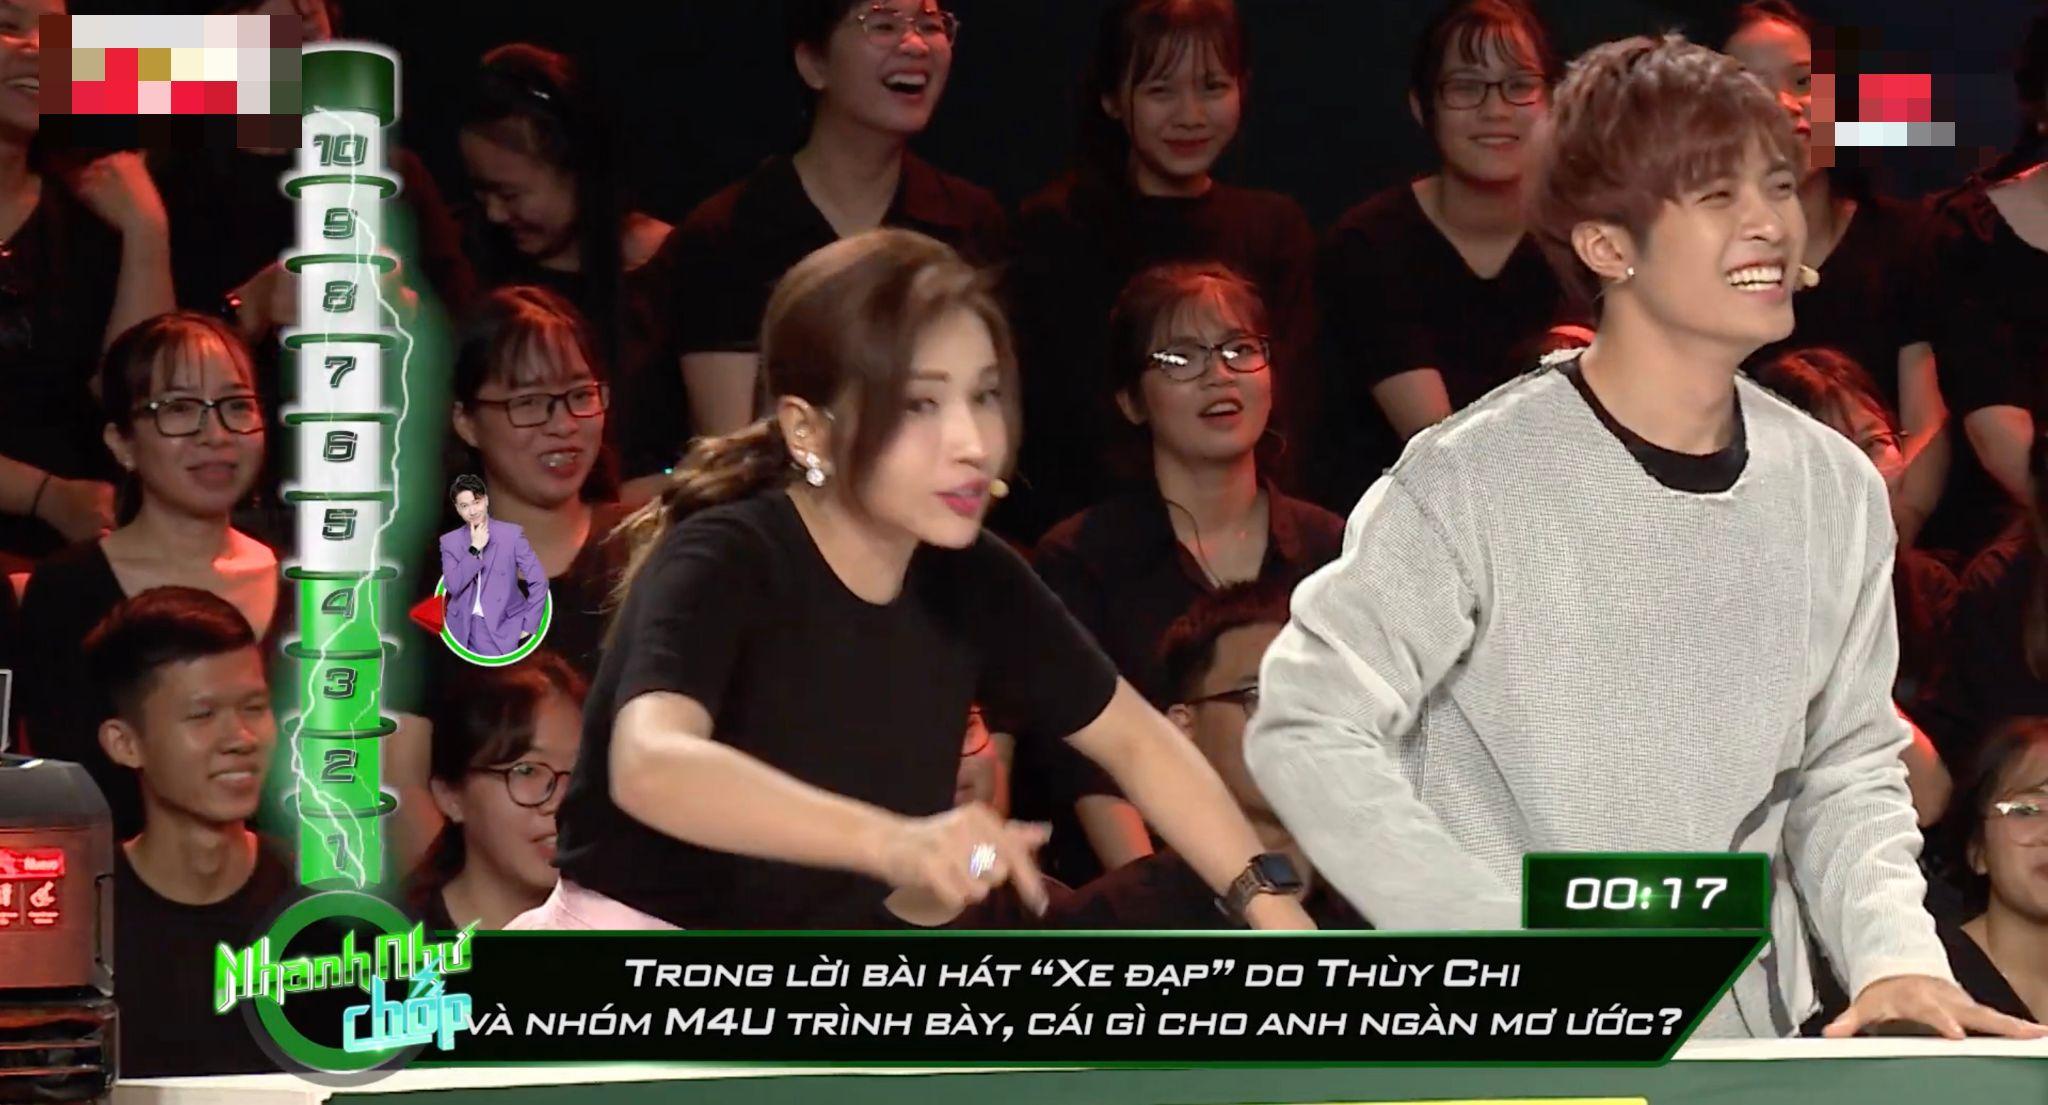 Khả Như, Gin Tuấn Kiệt bò quanh sân khấu 'Nhanh như chớp' 3 lần vì lỡ miệng 'khinh'Lê Dương Bảo Lâm 2